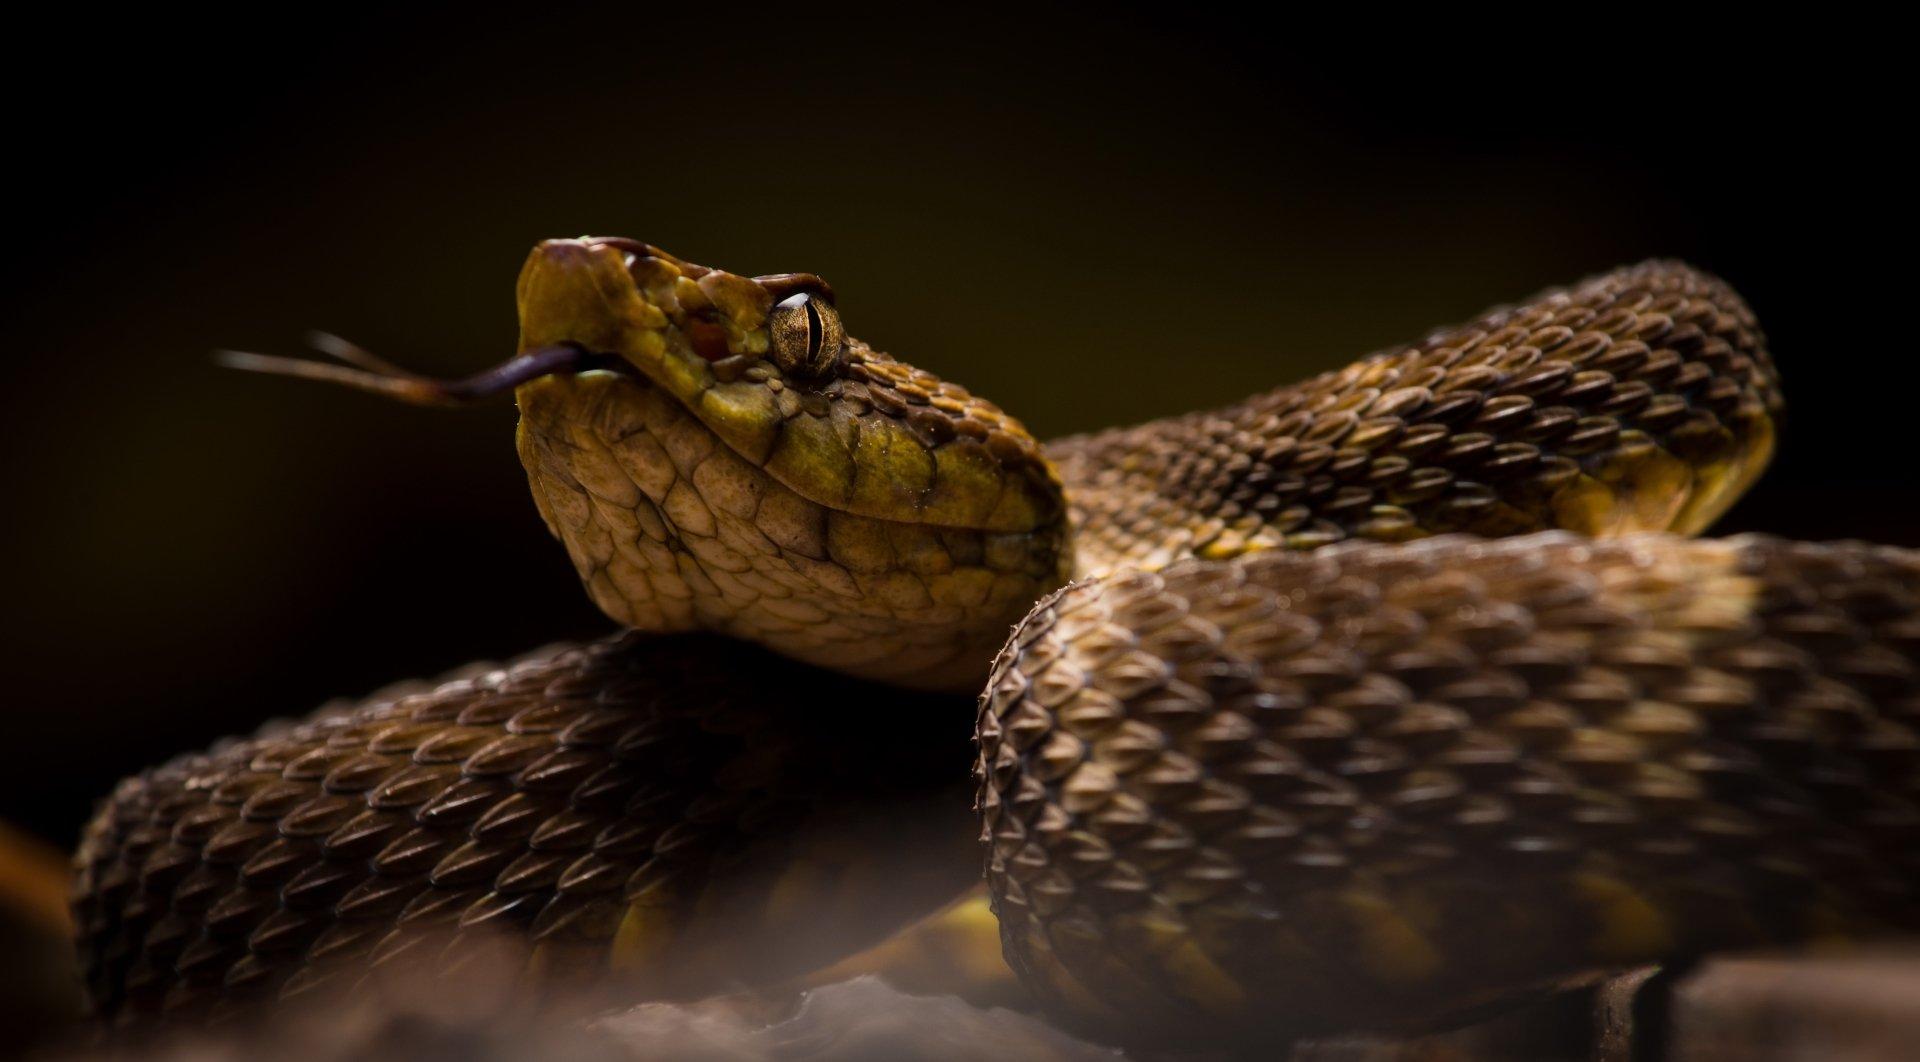 ferdelance bothrops atrox pit viper 4k ultra hd